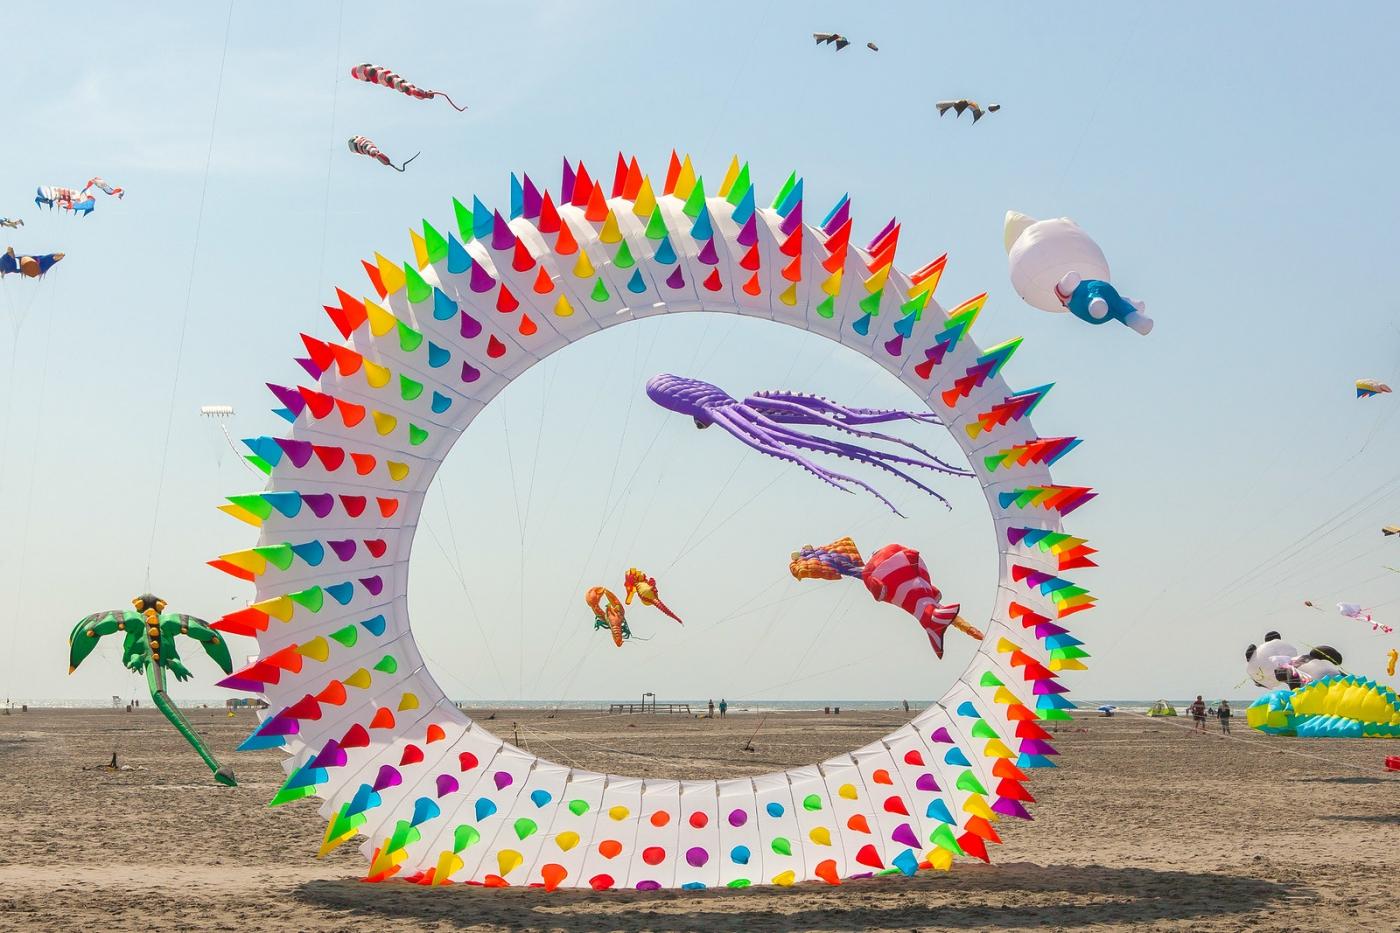 超大的风筝,真是少见_图1-2